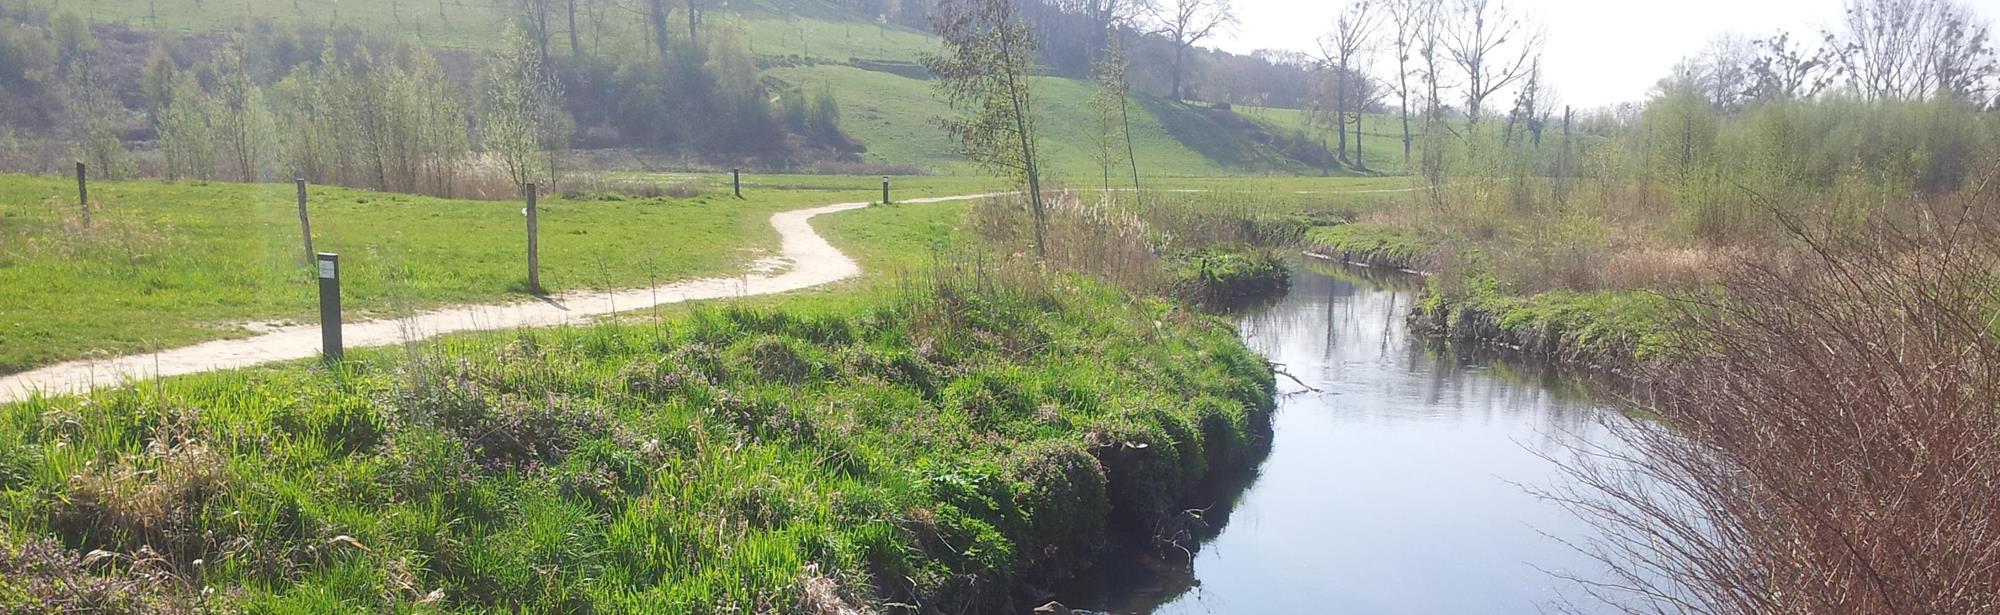 Beekdaelen - Danikerberg route SC06